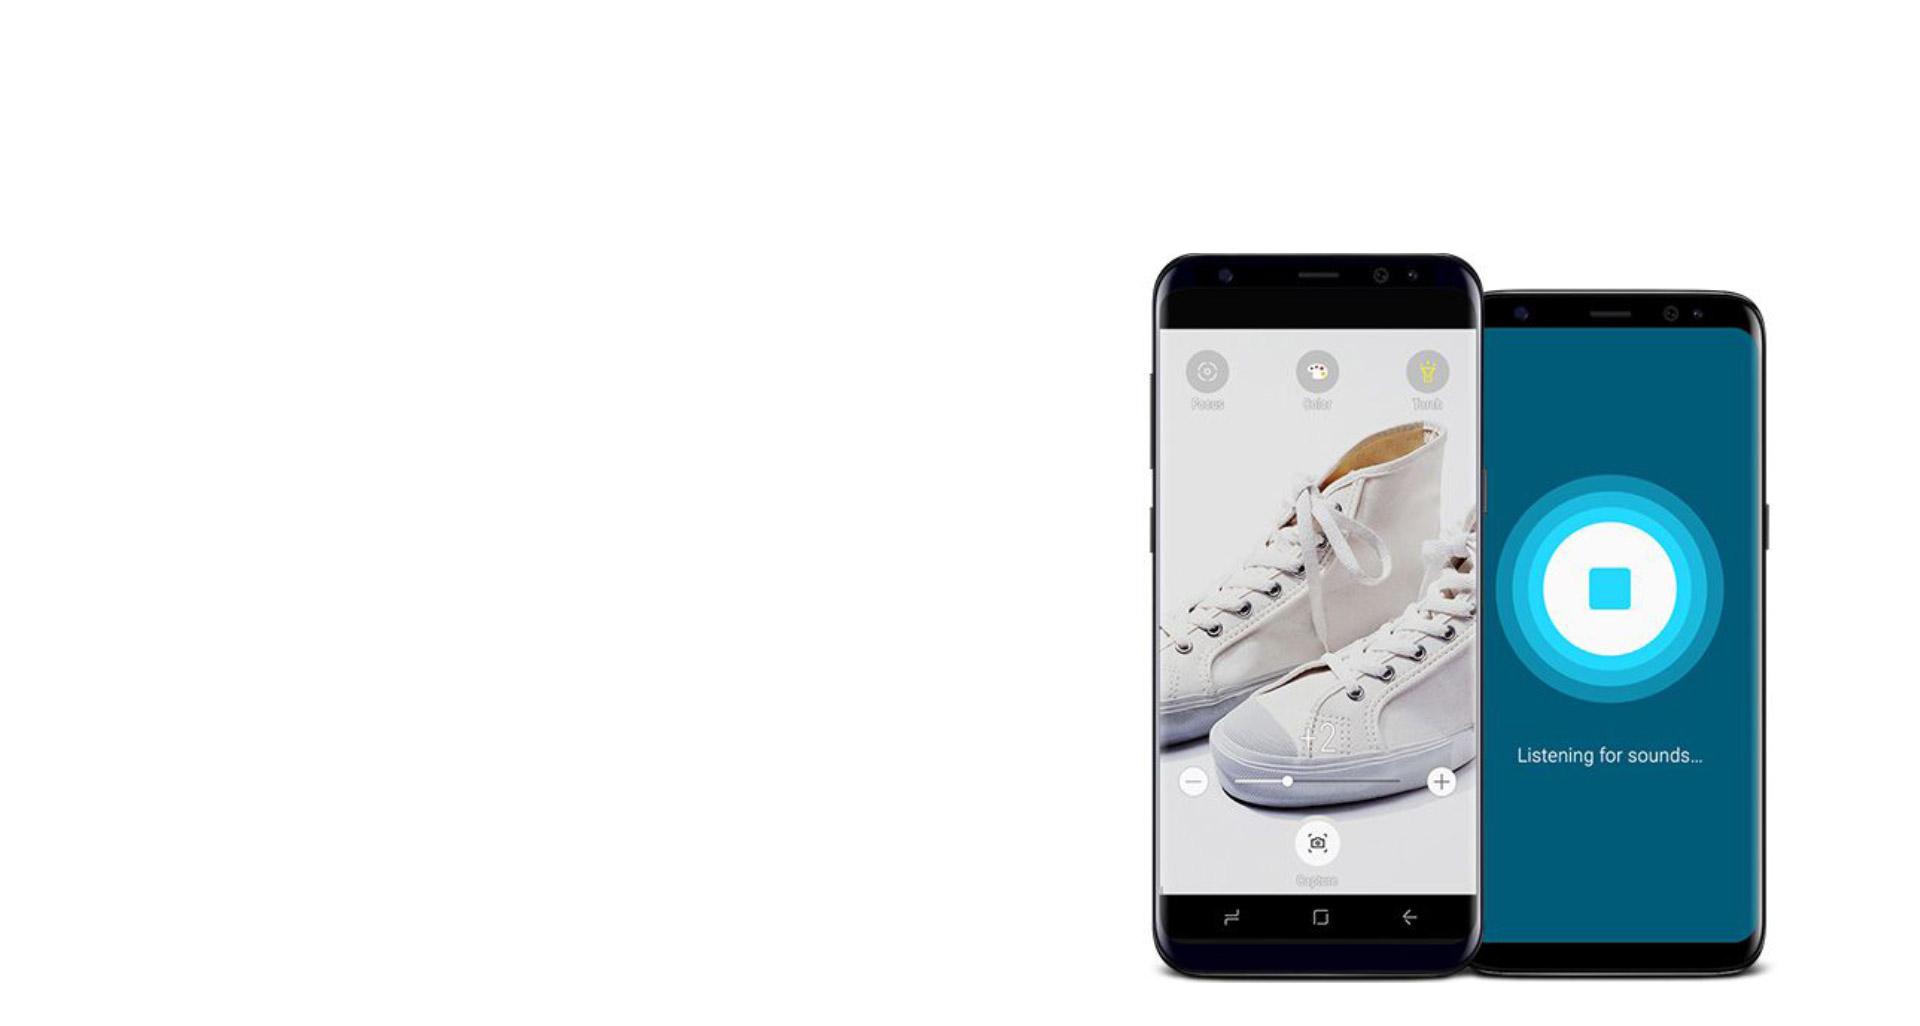 گوشی سامسونگ گلکسی +S8 با قابلیت های پیشرفته